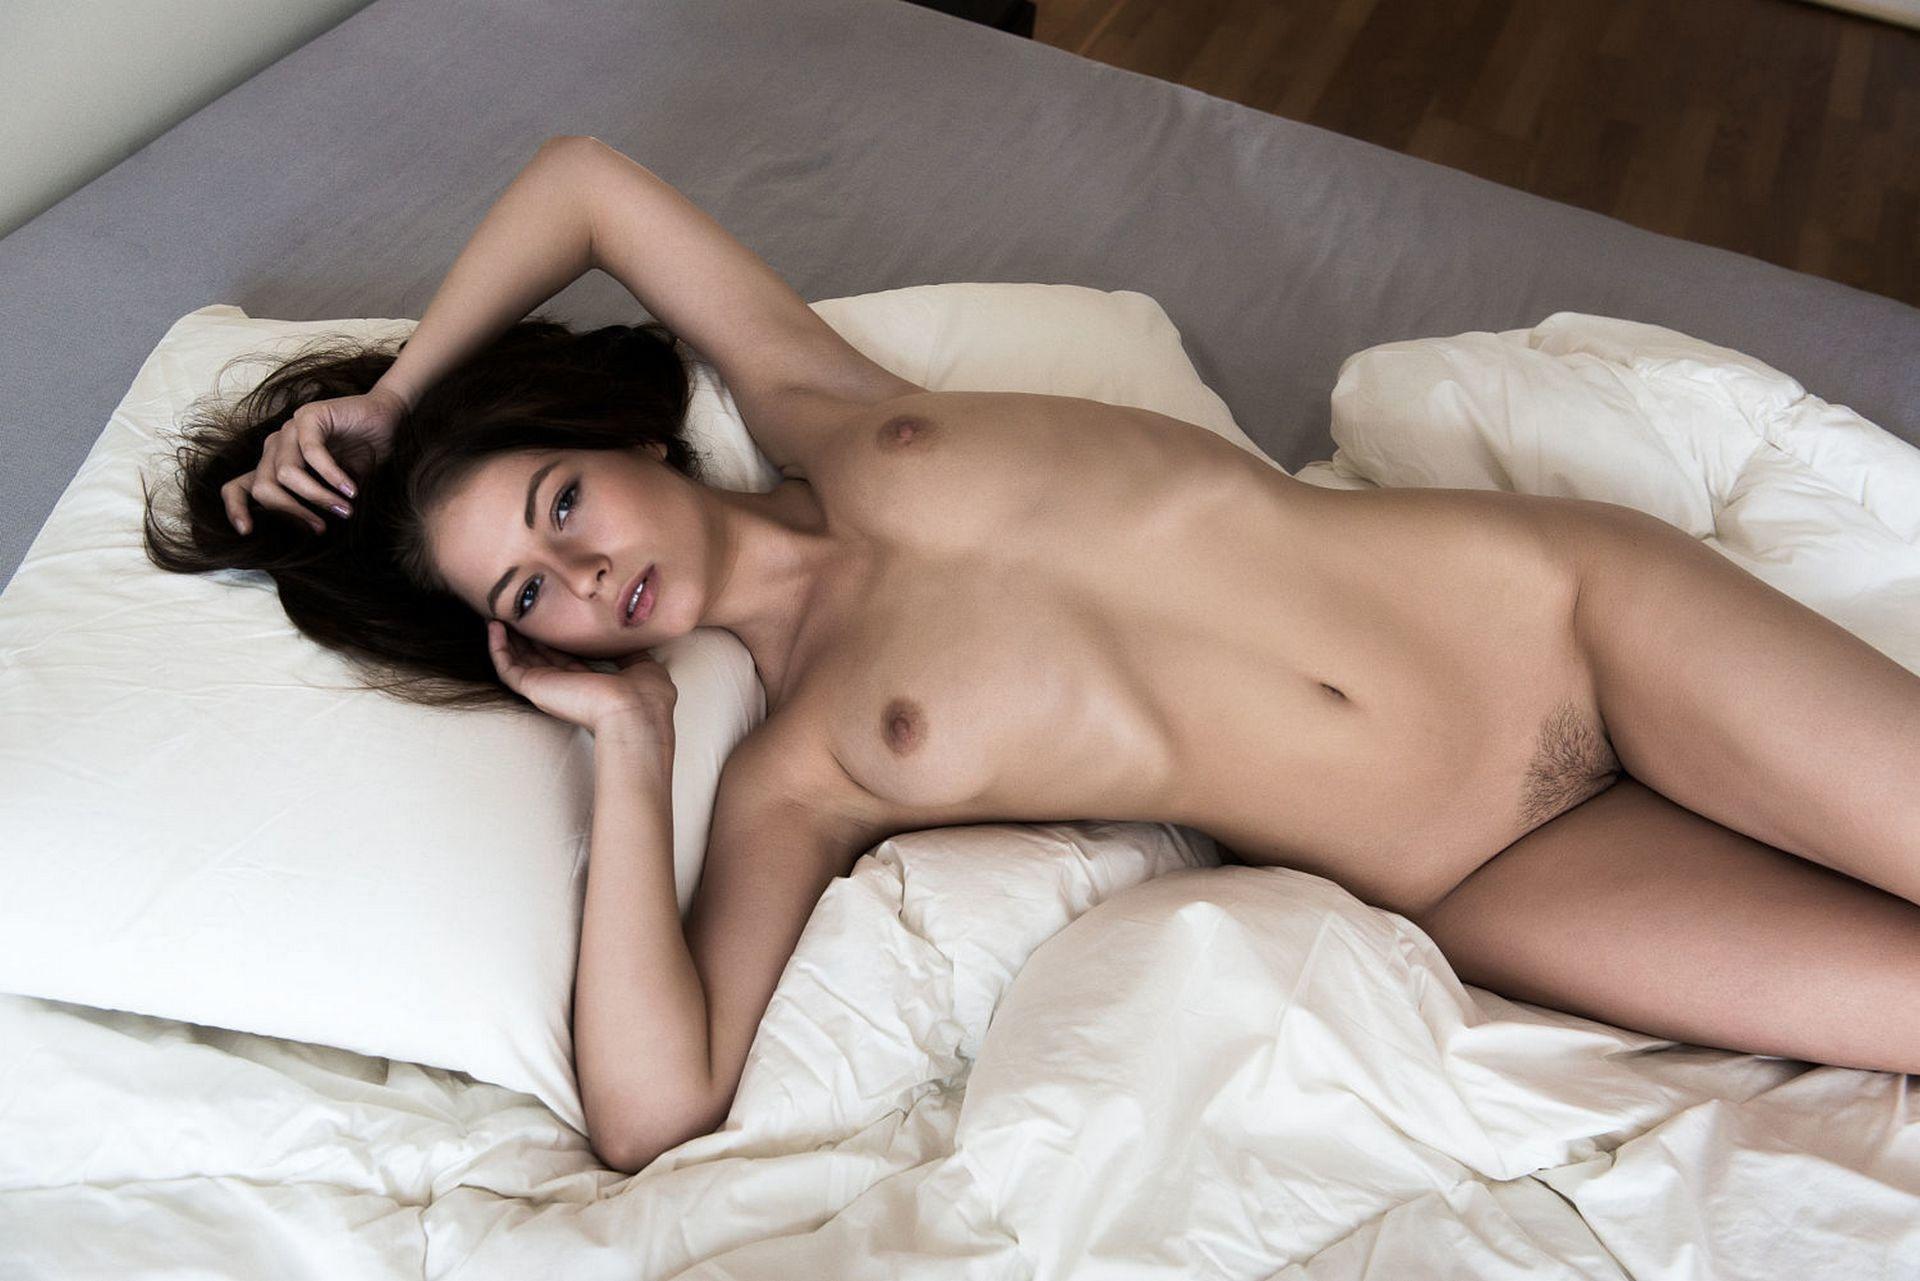 Фото Голая брюнетка, небритый лобок, постель, подушки, скачать картинку бесплатно